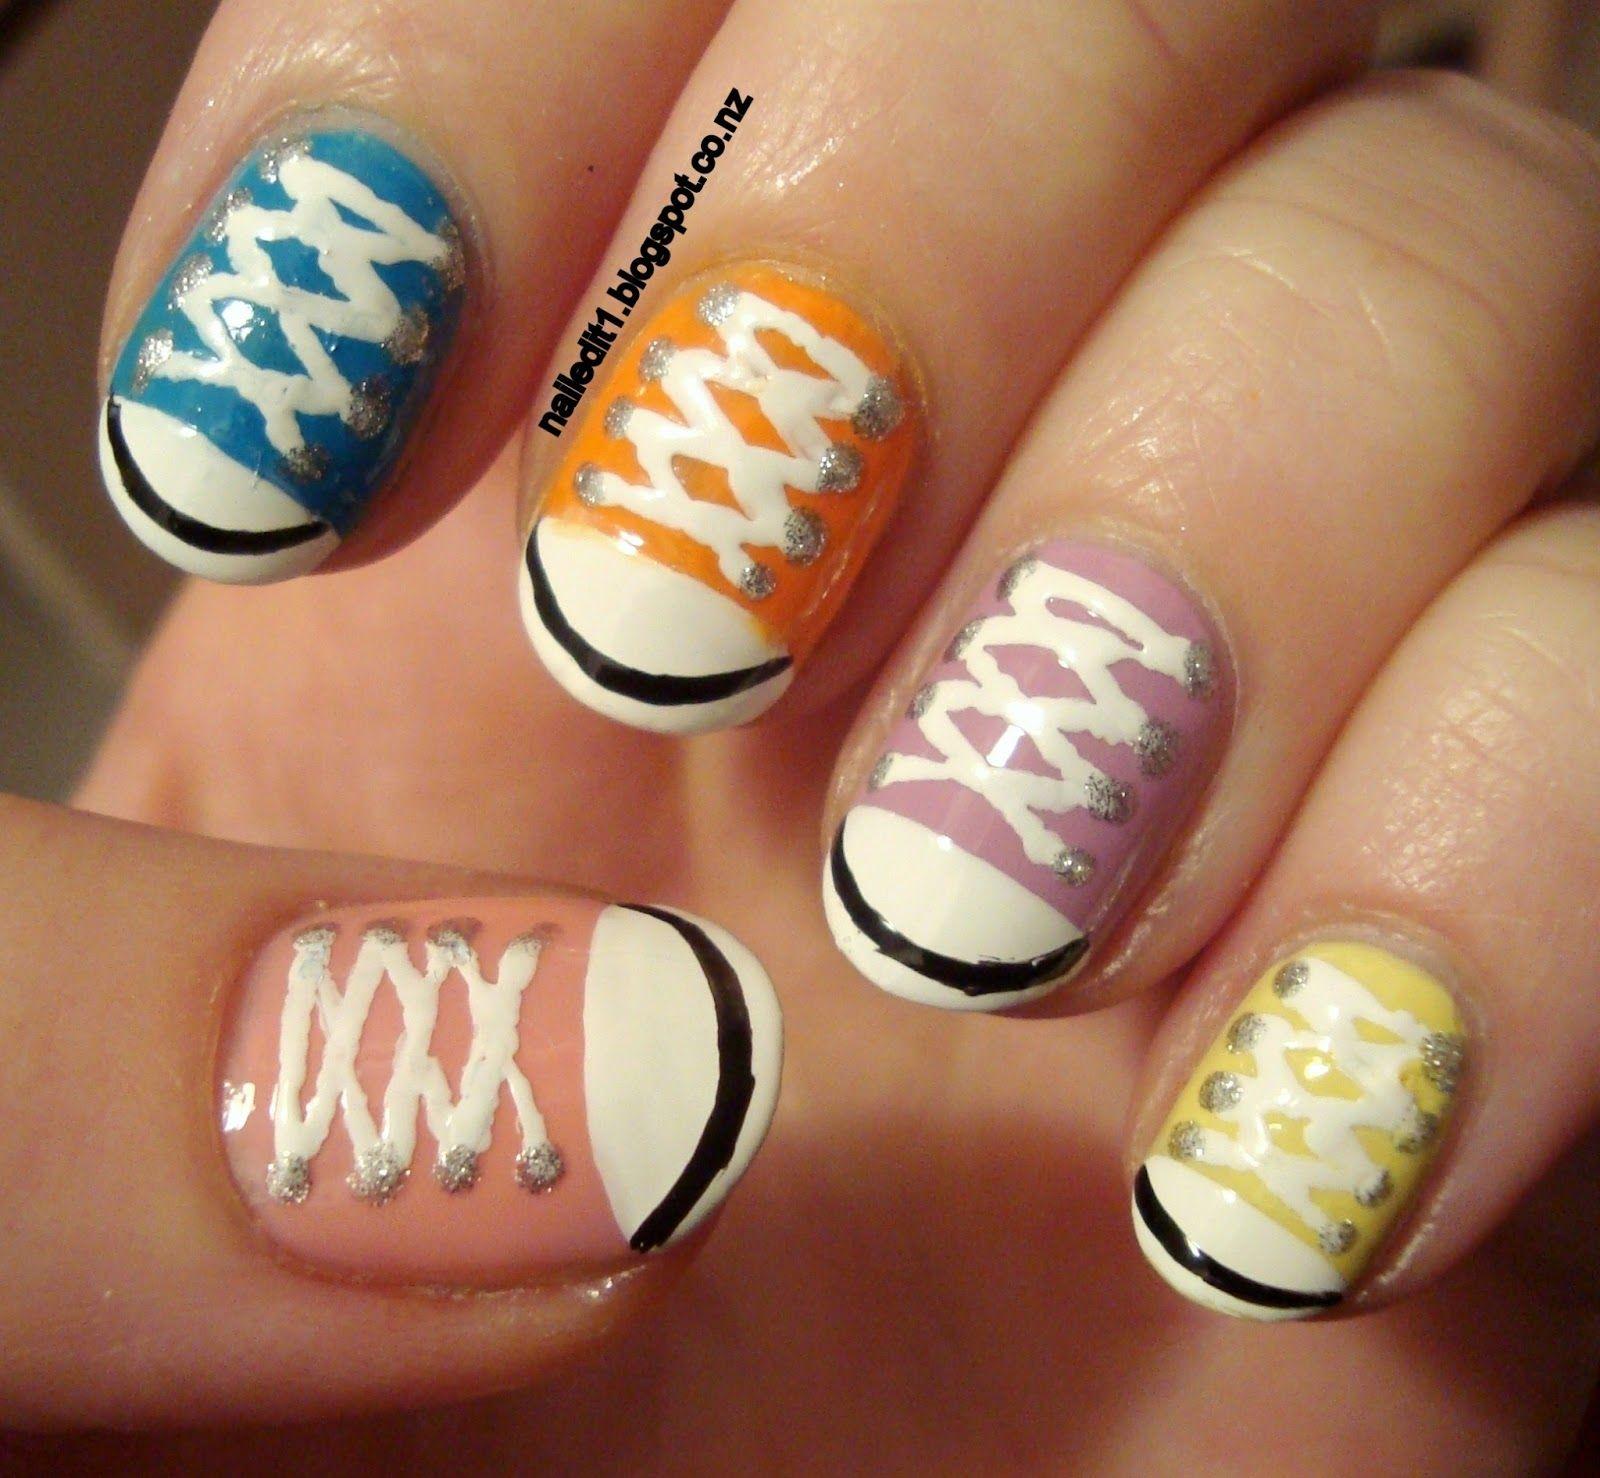 Nailed it nz nail art for short nails chuck taylorsshoe nails